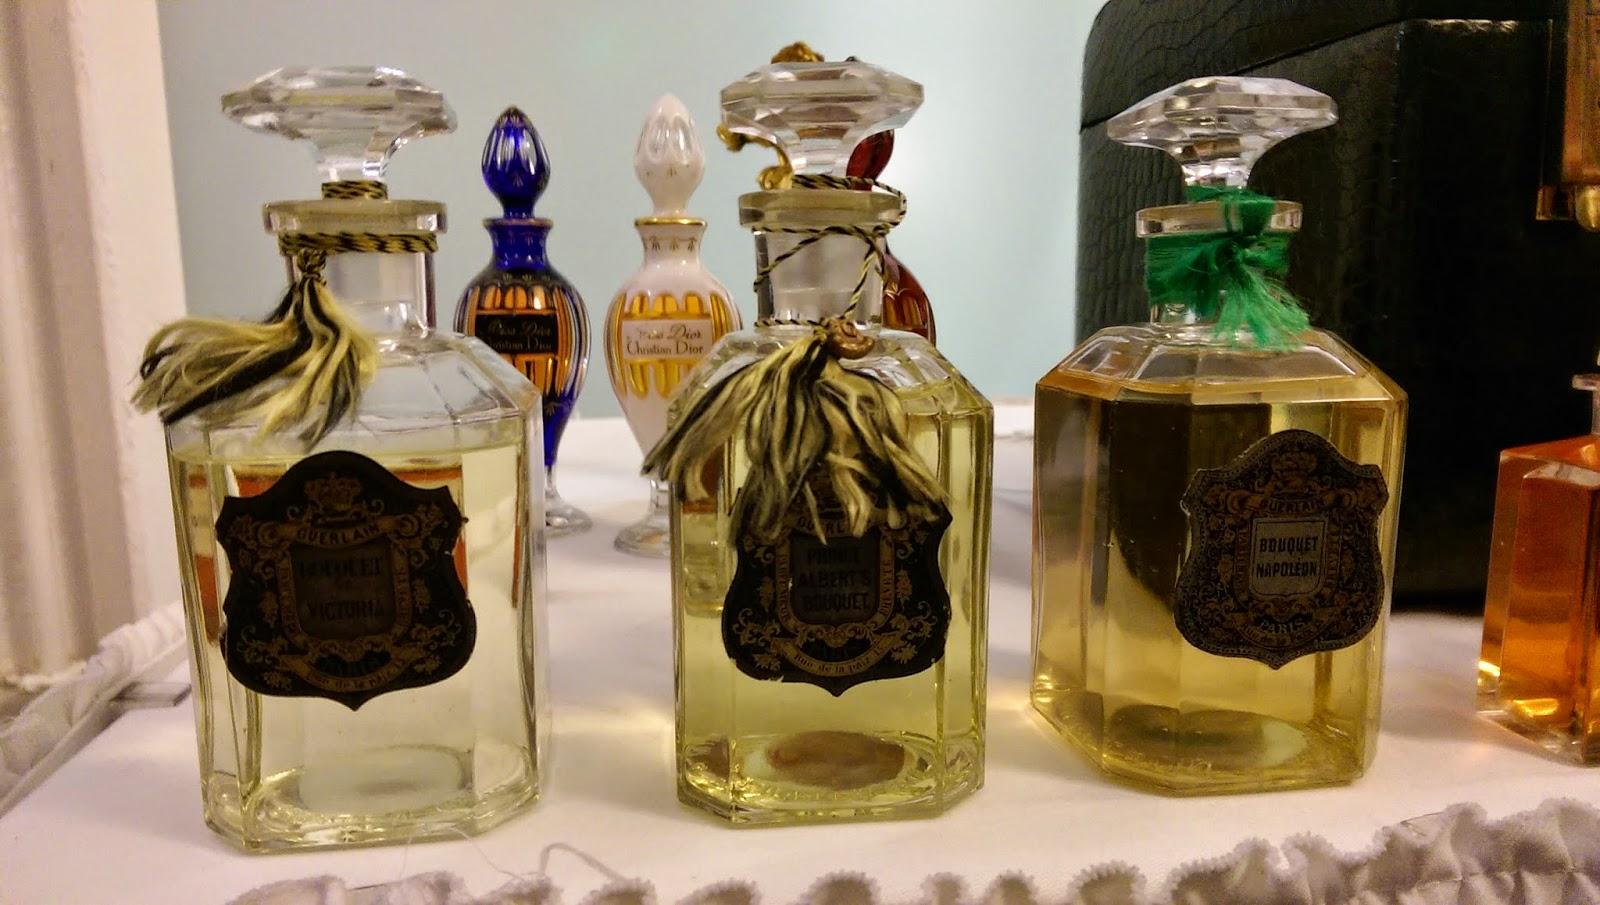 Perfume bottles belonging to Queen Victoria, Prince Albert and Napoleon